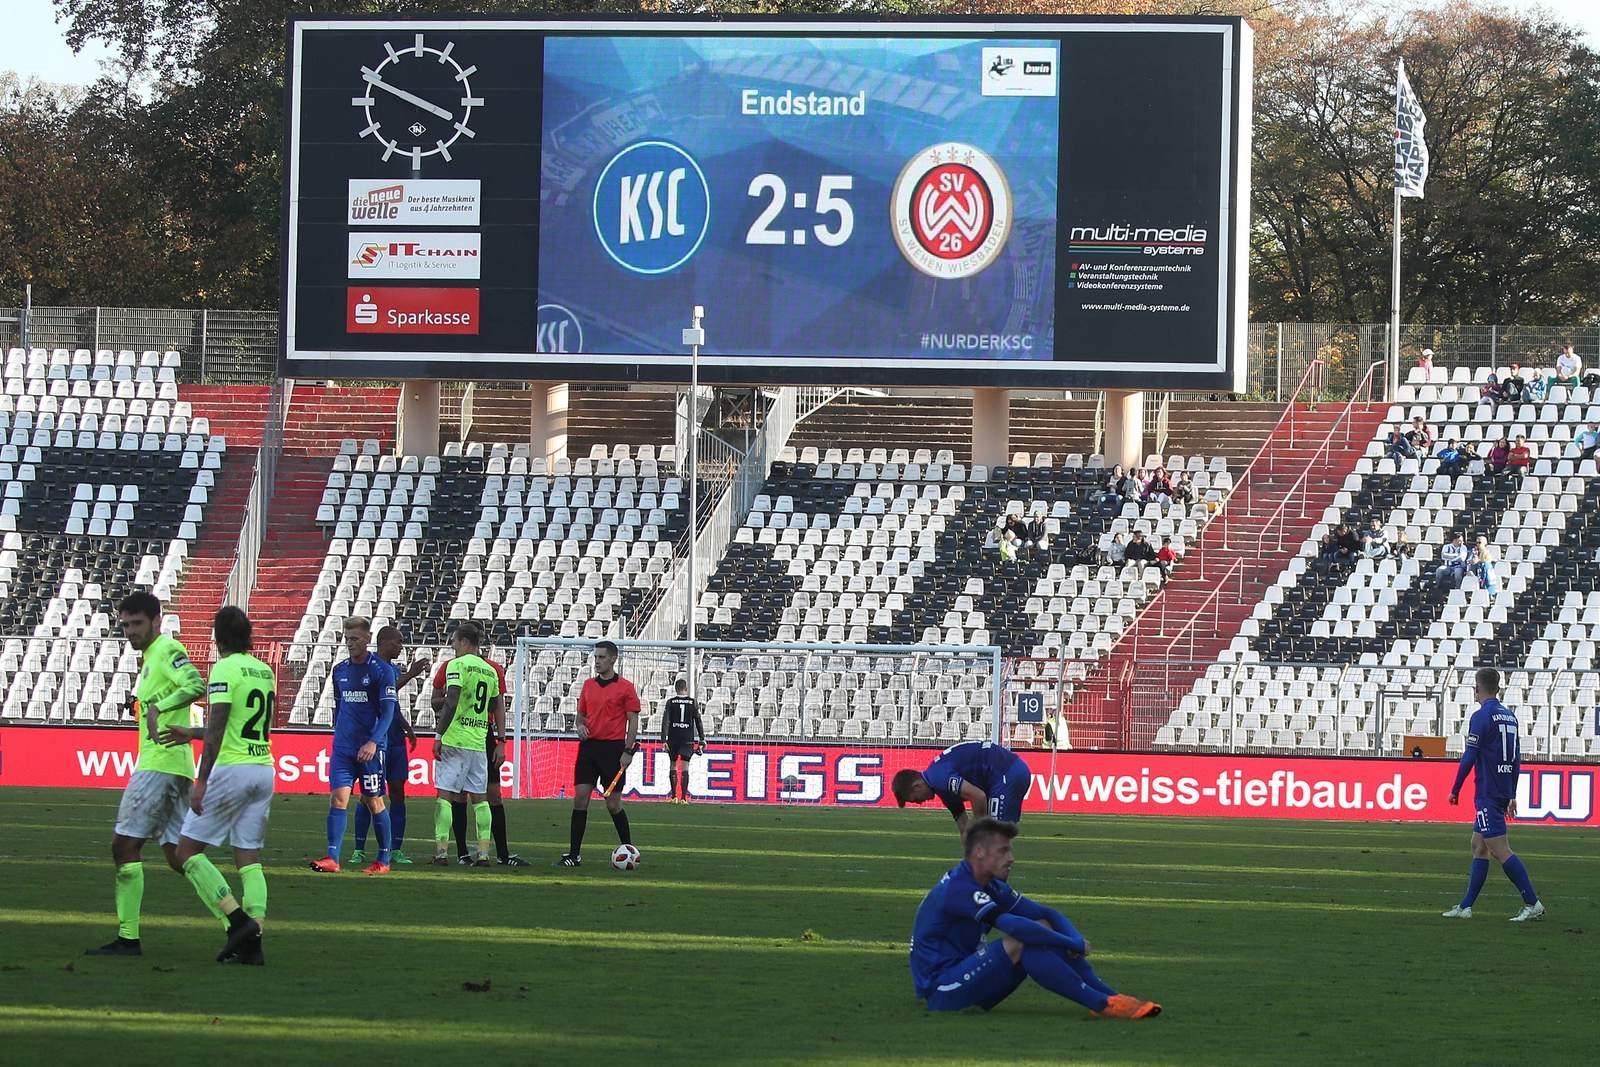 Der KSC musste sich zu Hause gegen Wehen Wiesbaden mit 2:5 geschlagen geben.